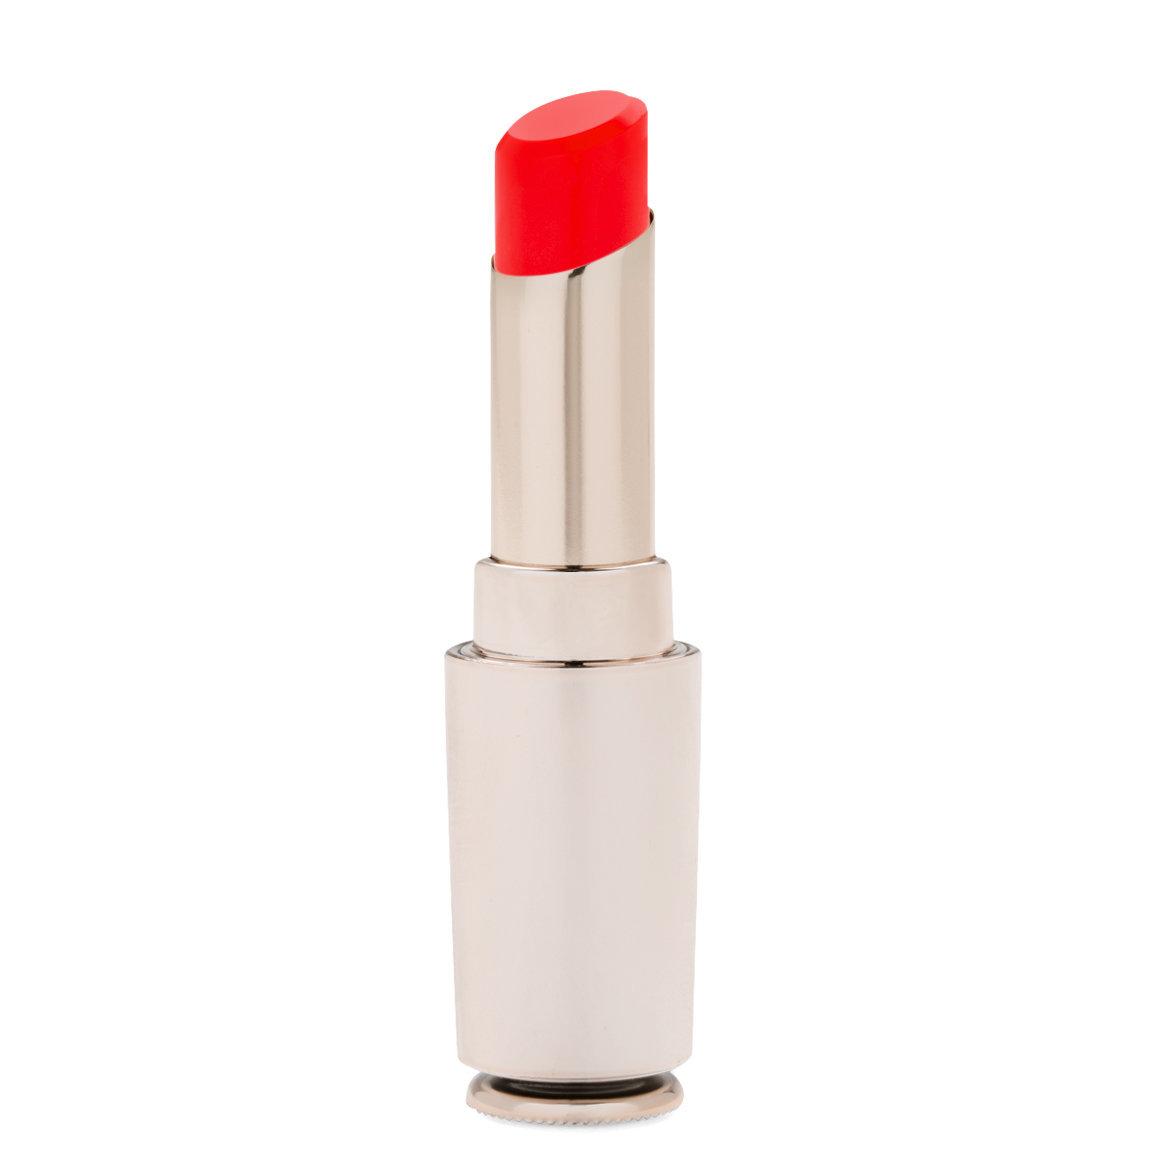 Sulwhasoo Essential Lip Serum Stick No. 4 Rose Red